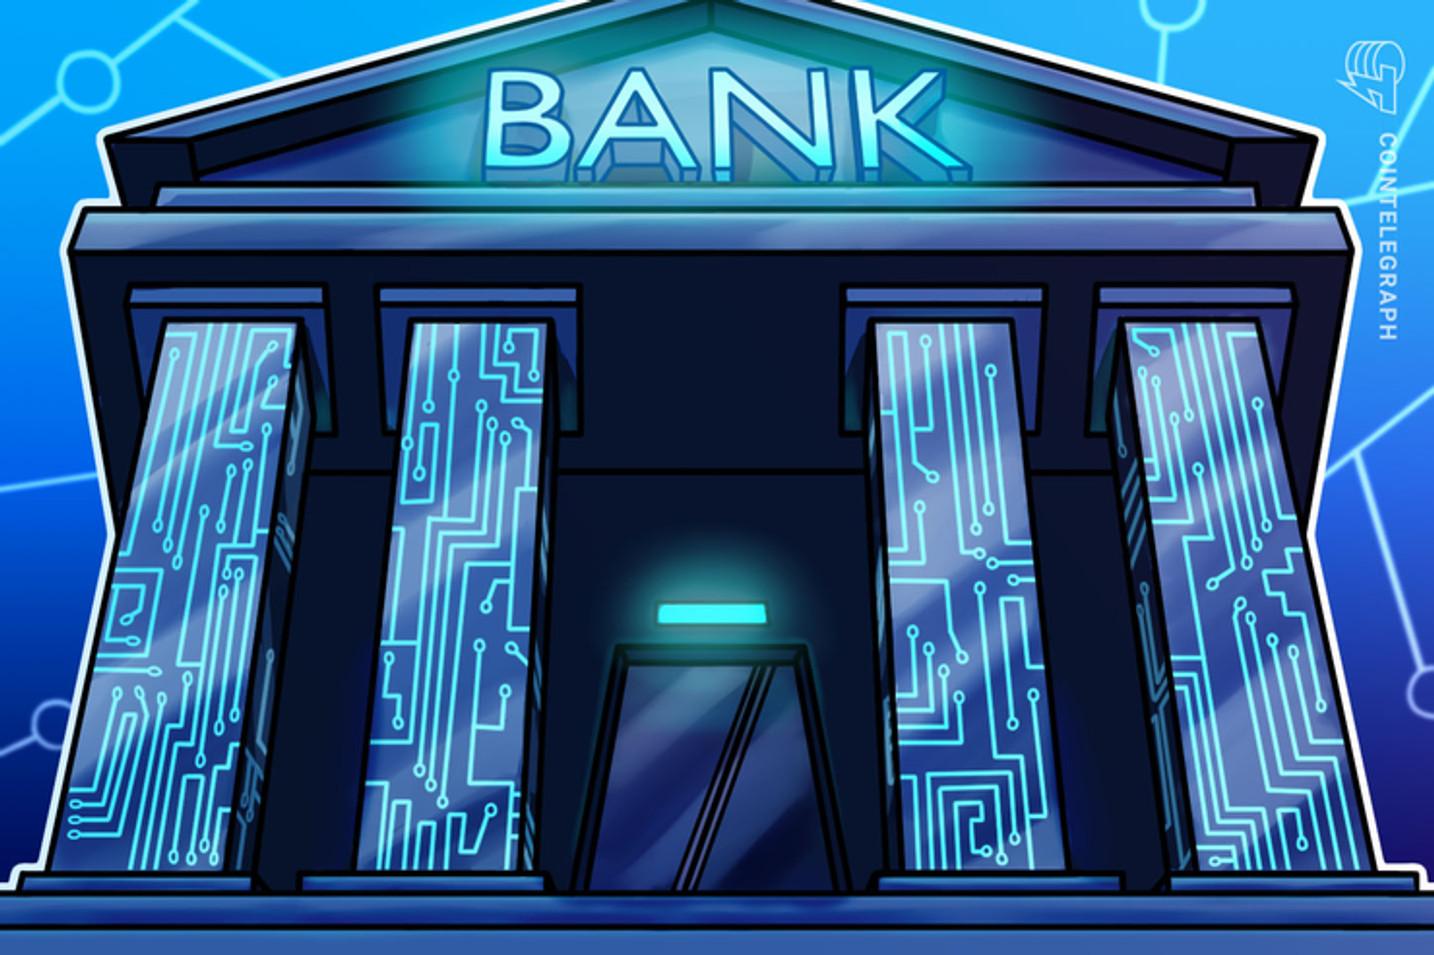 'Nós queremos que mais iniciativas em blockchain tragam resultado para a sociedade', diz presidente do BNDES